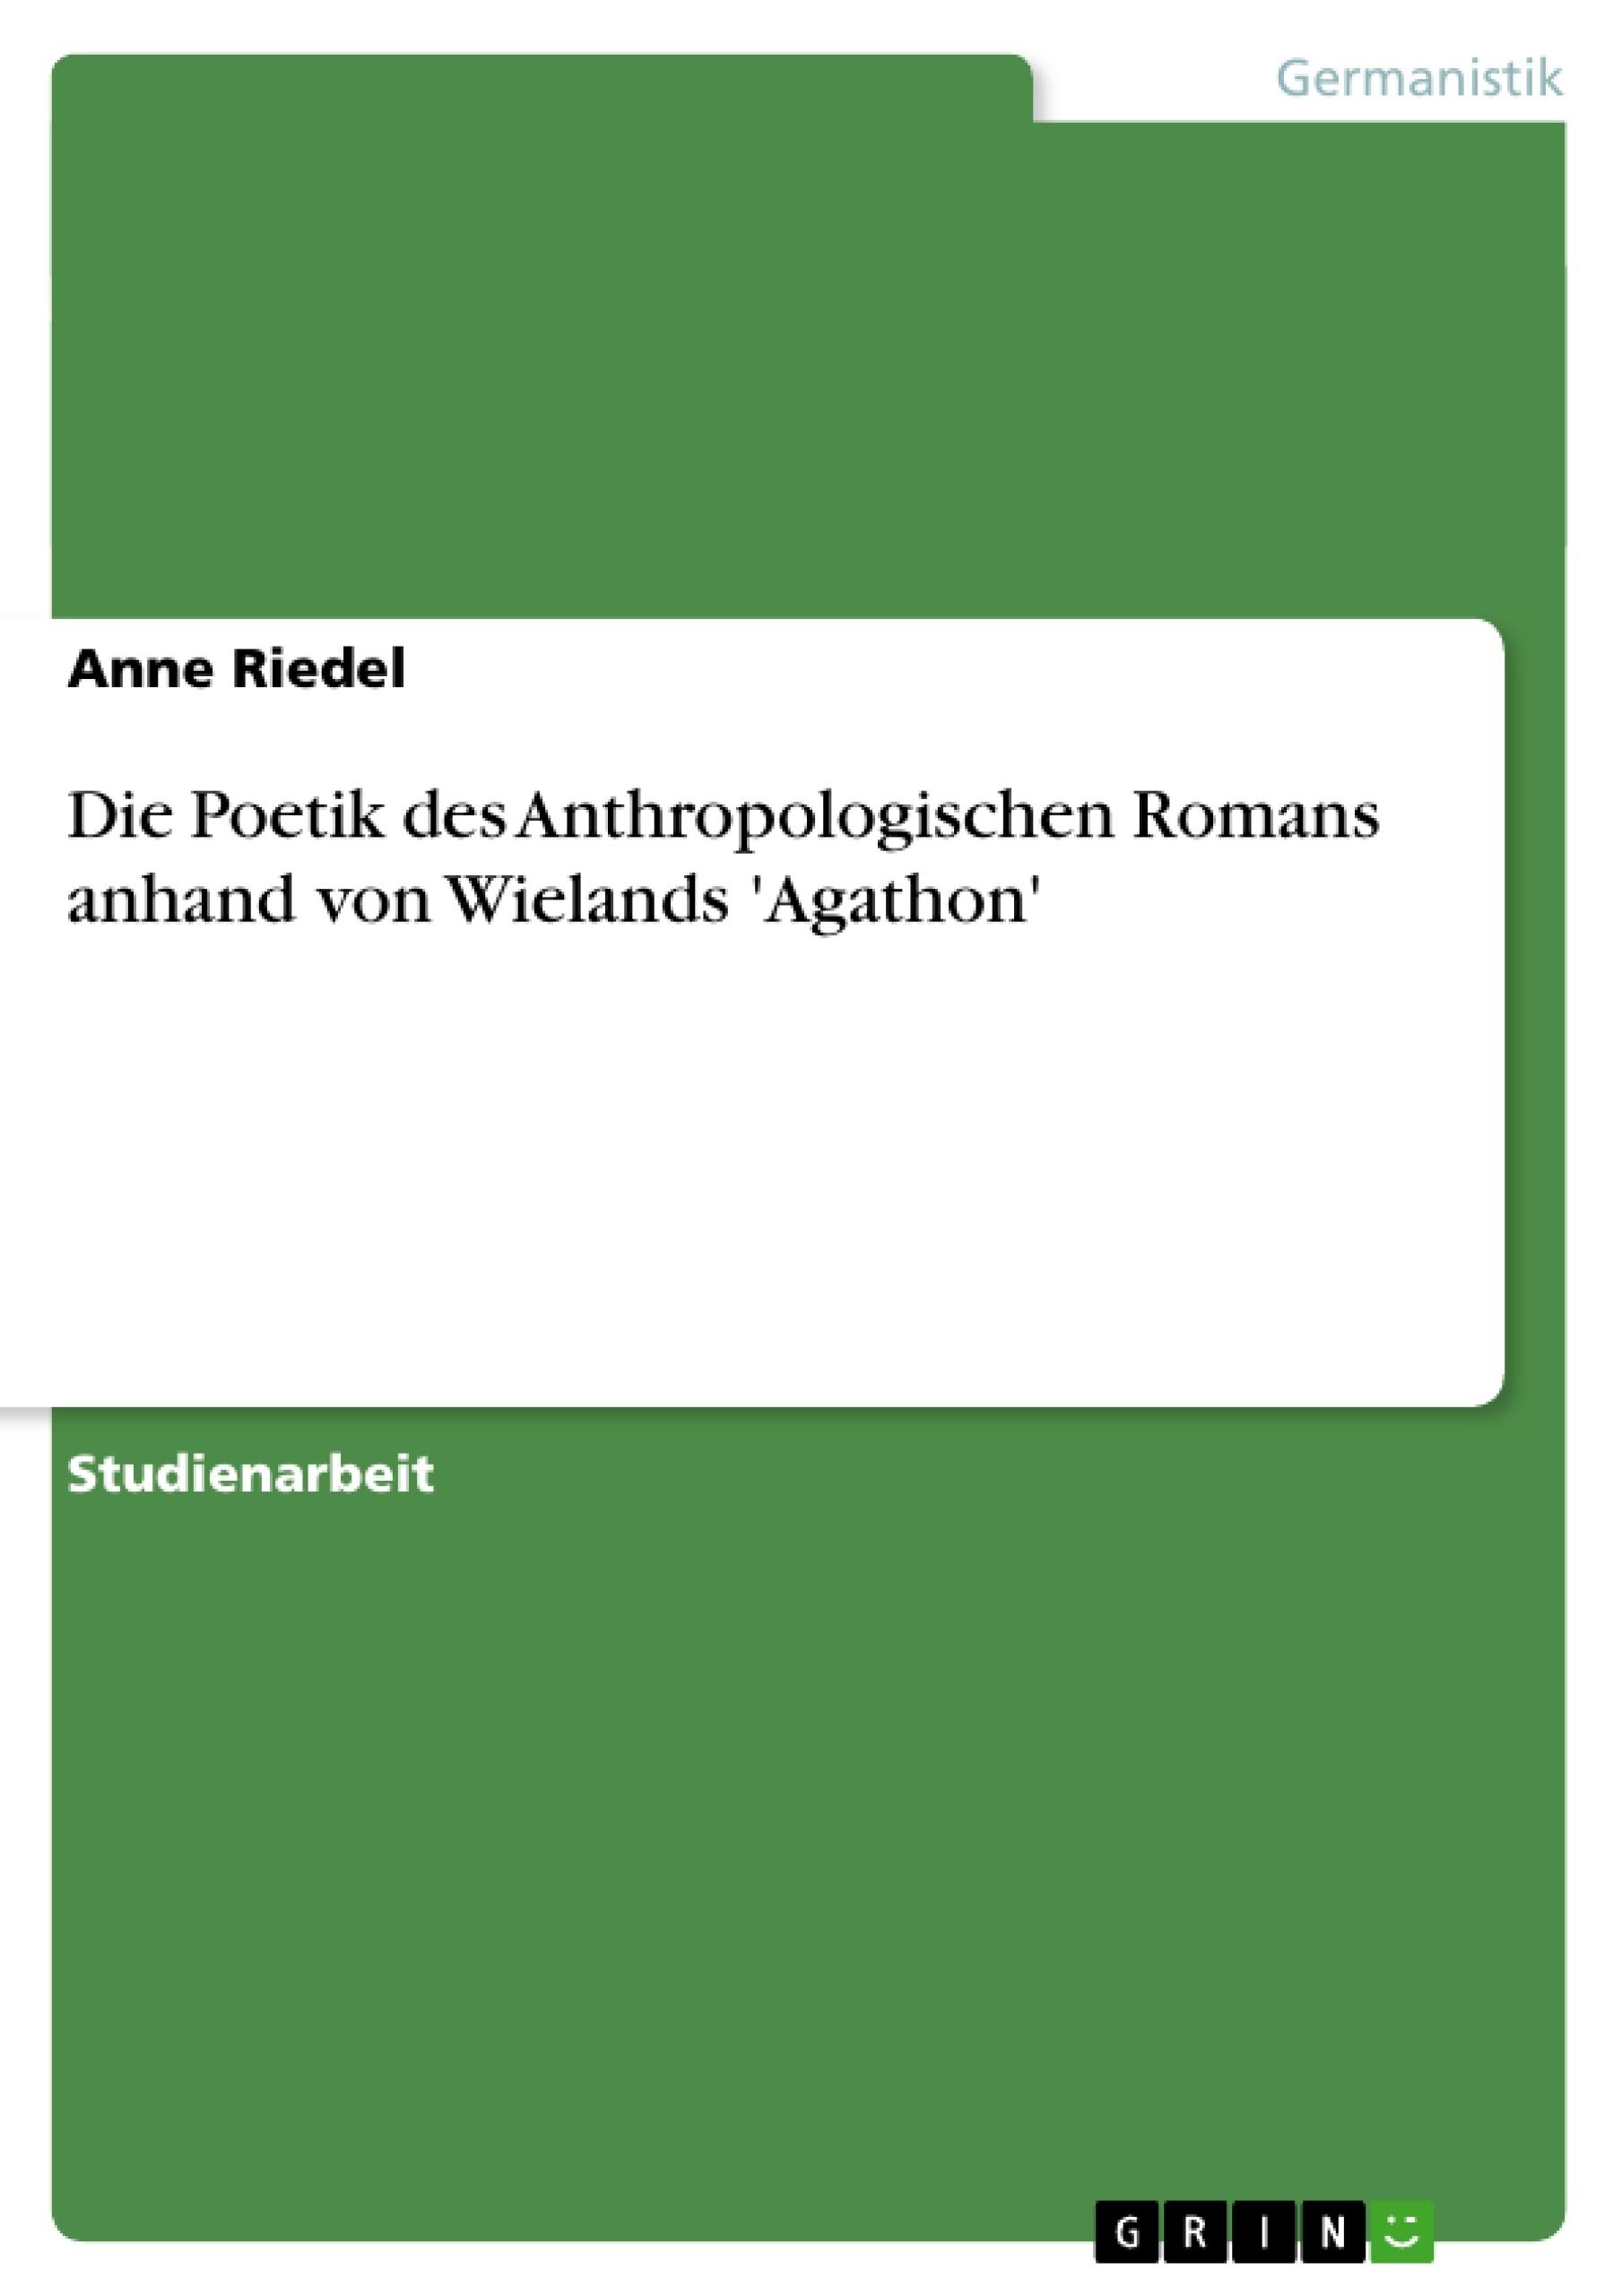 Titel: Die Poetik des Anthropologischen Romans anhand von Wielands 'Agathon'